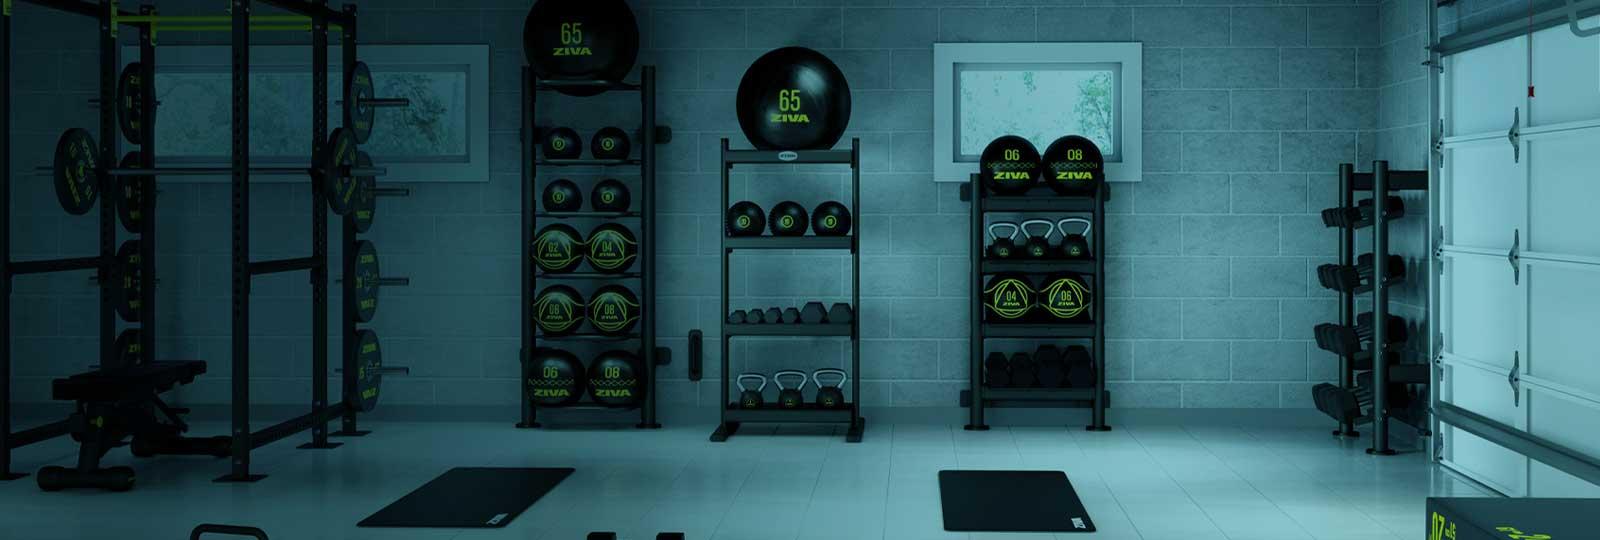 home gym design & equipment